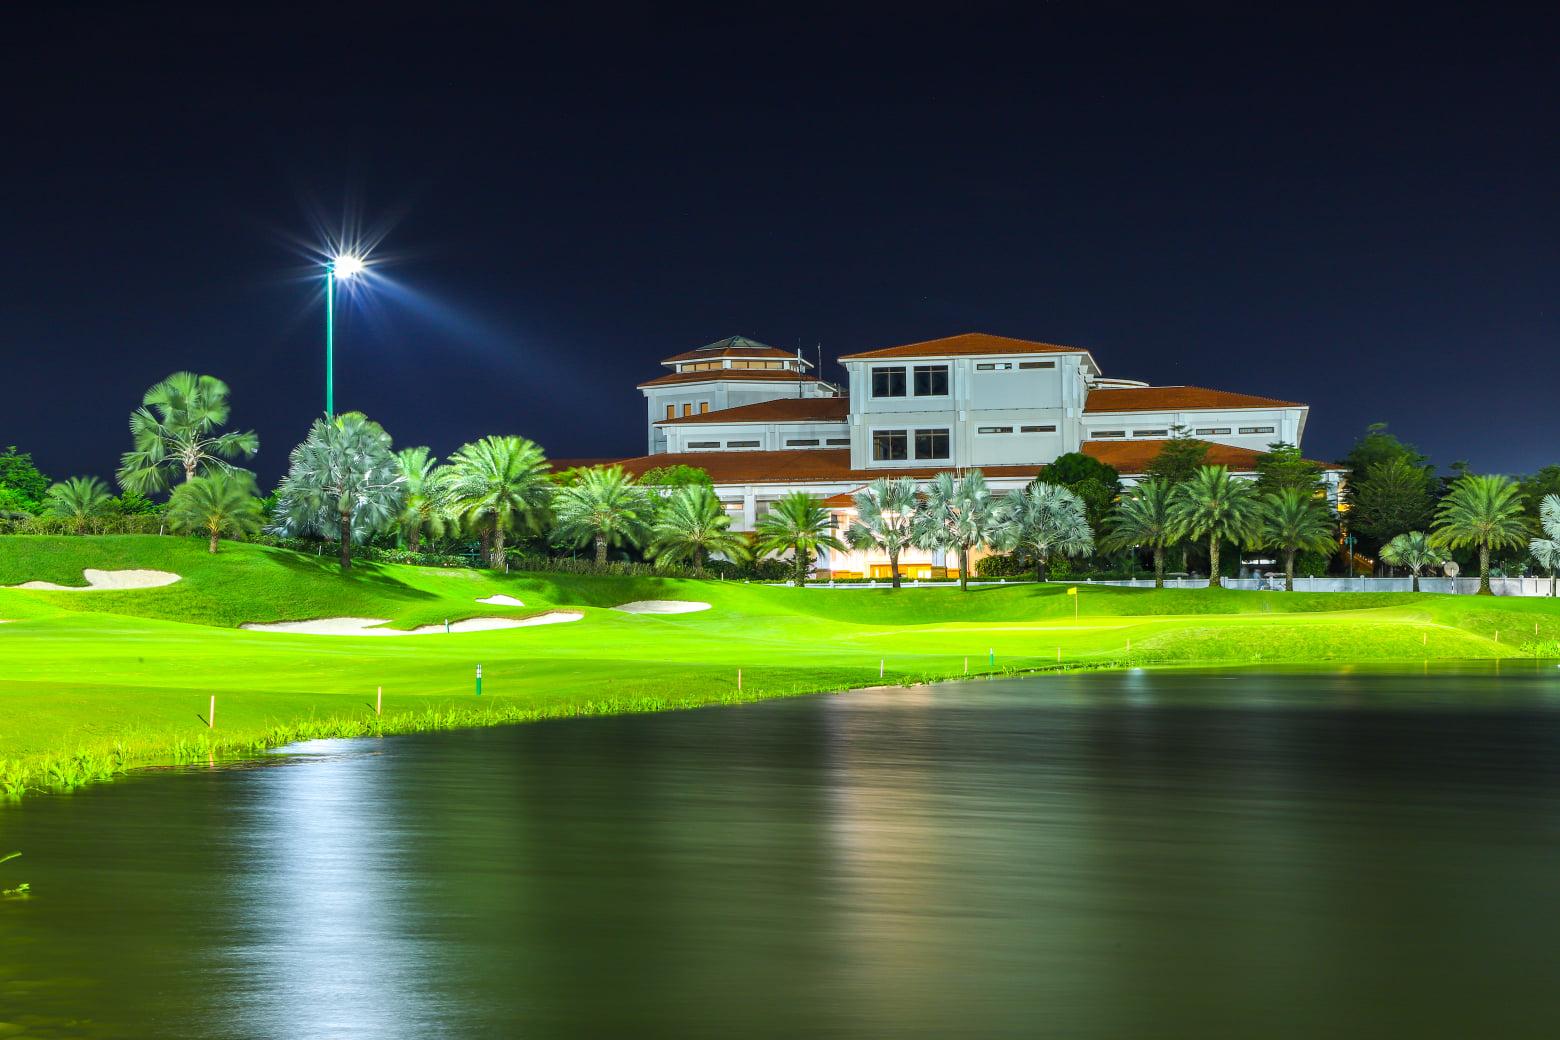 """Các golfer có thể chiến những trận """"night game"""" mà không hề ảnh hưởng tới trải nghiệm. Hình: Sưu tầm"""